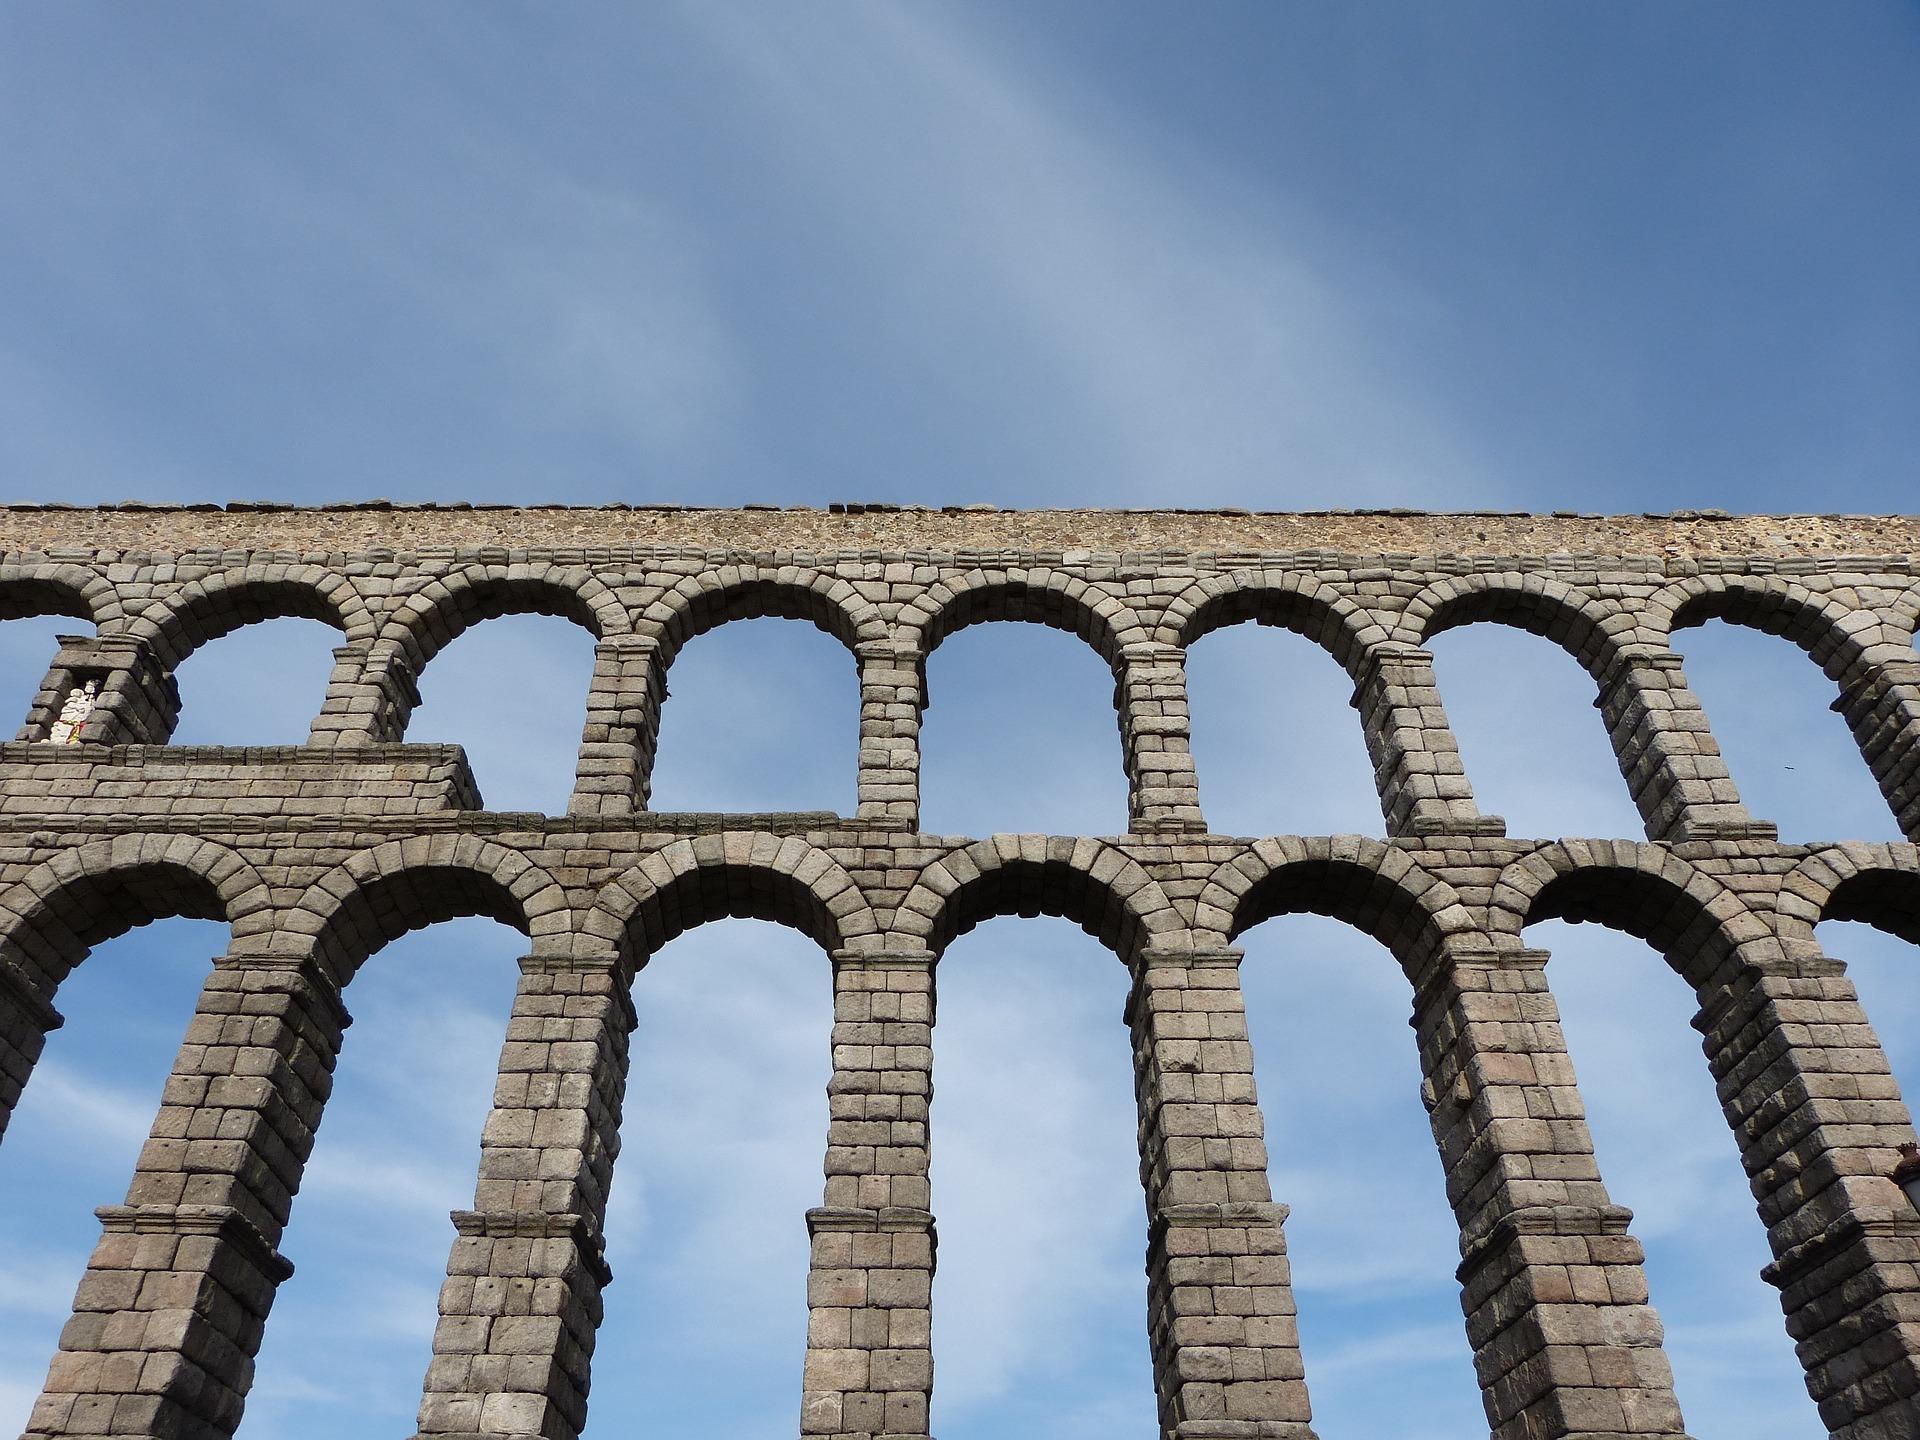 aqueduct-of-segovia-872295_1920.jpg